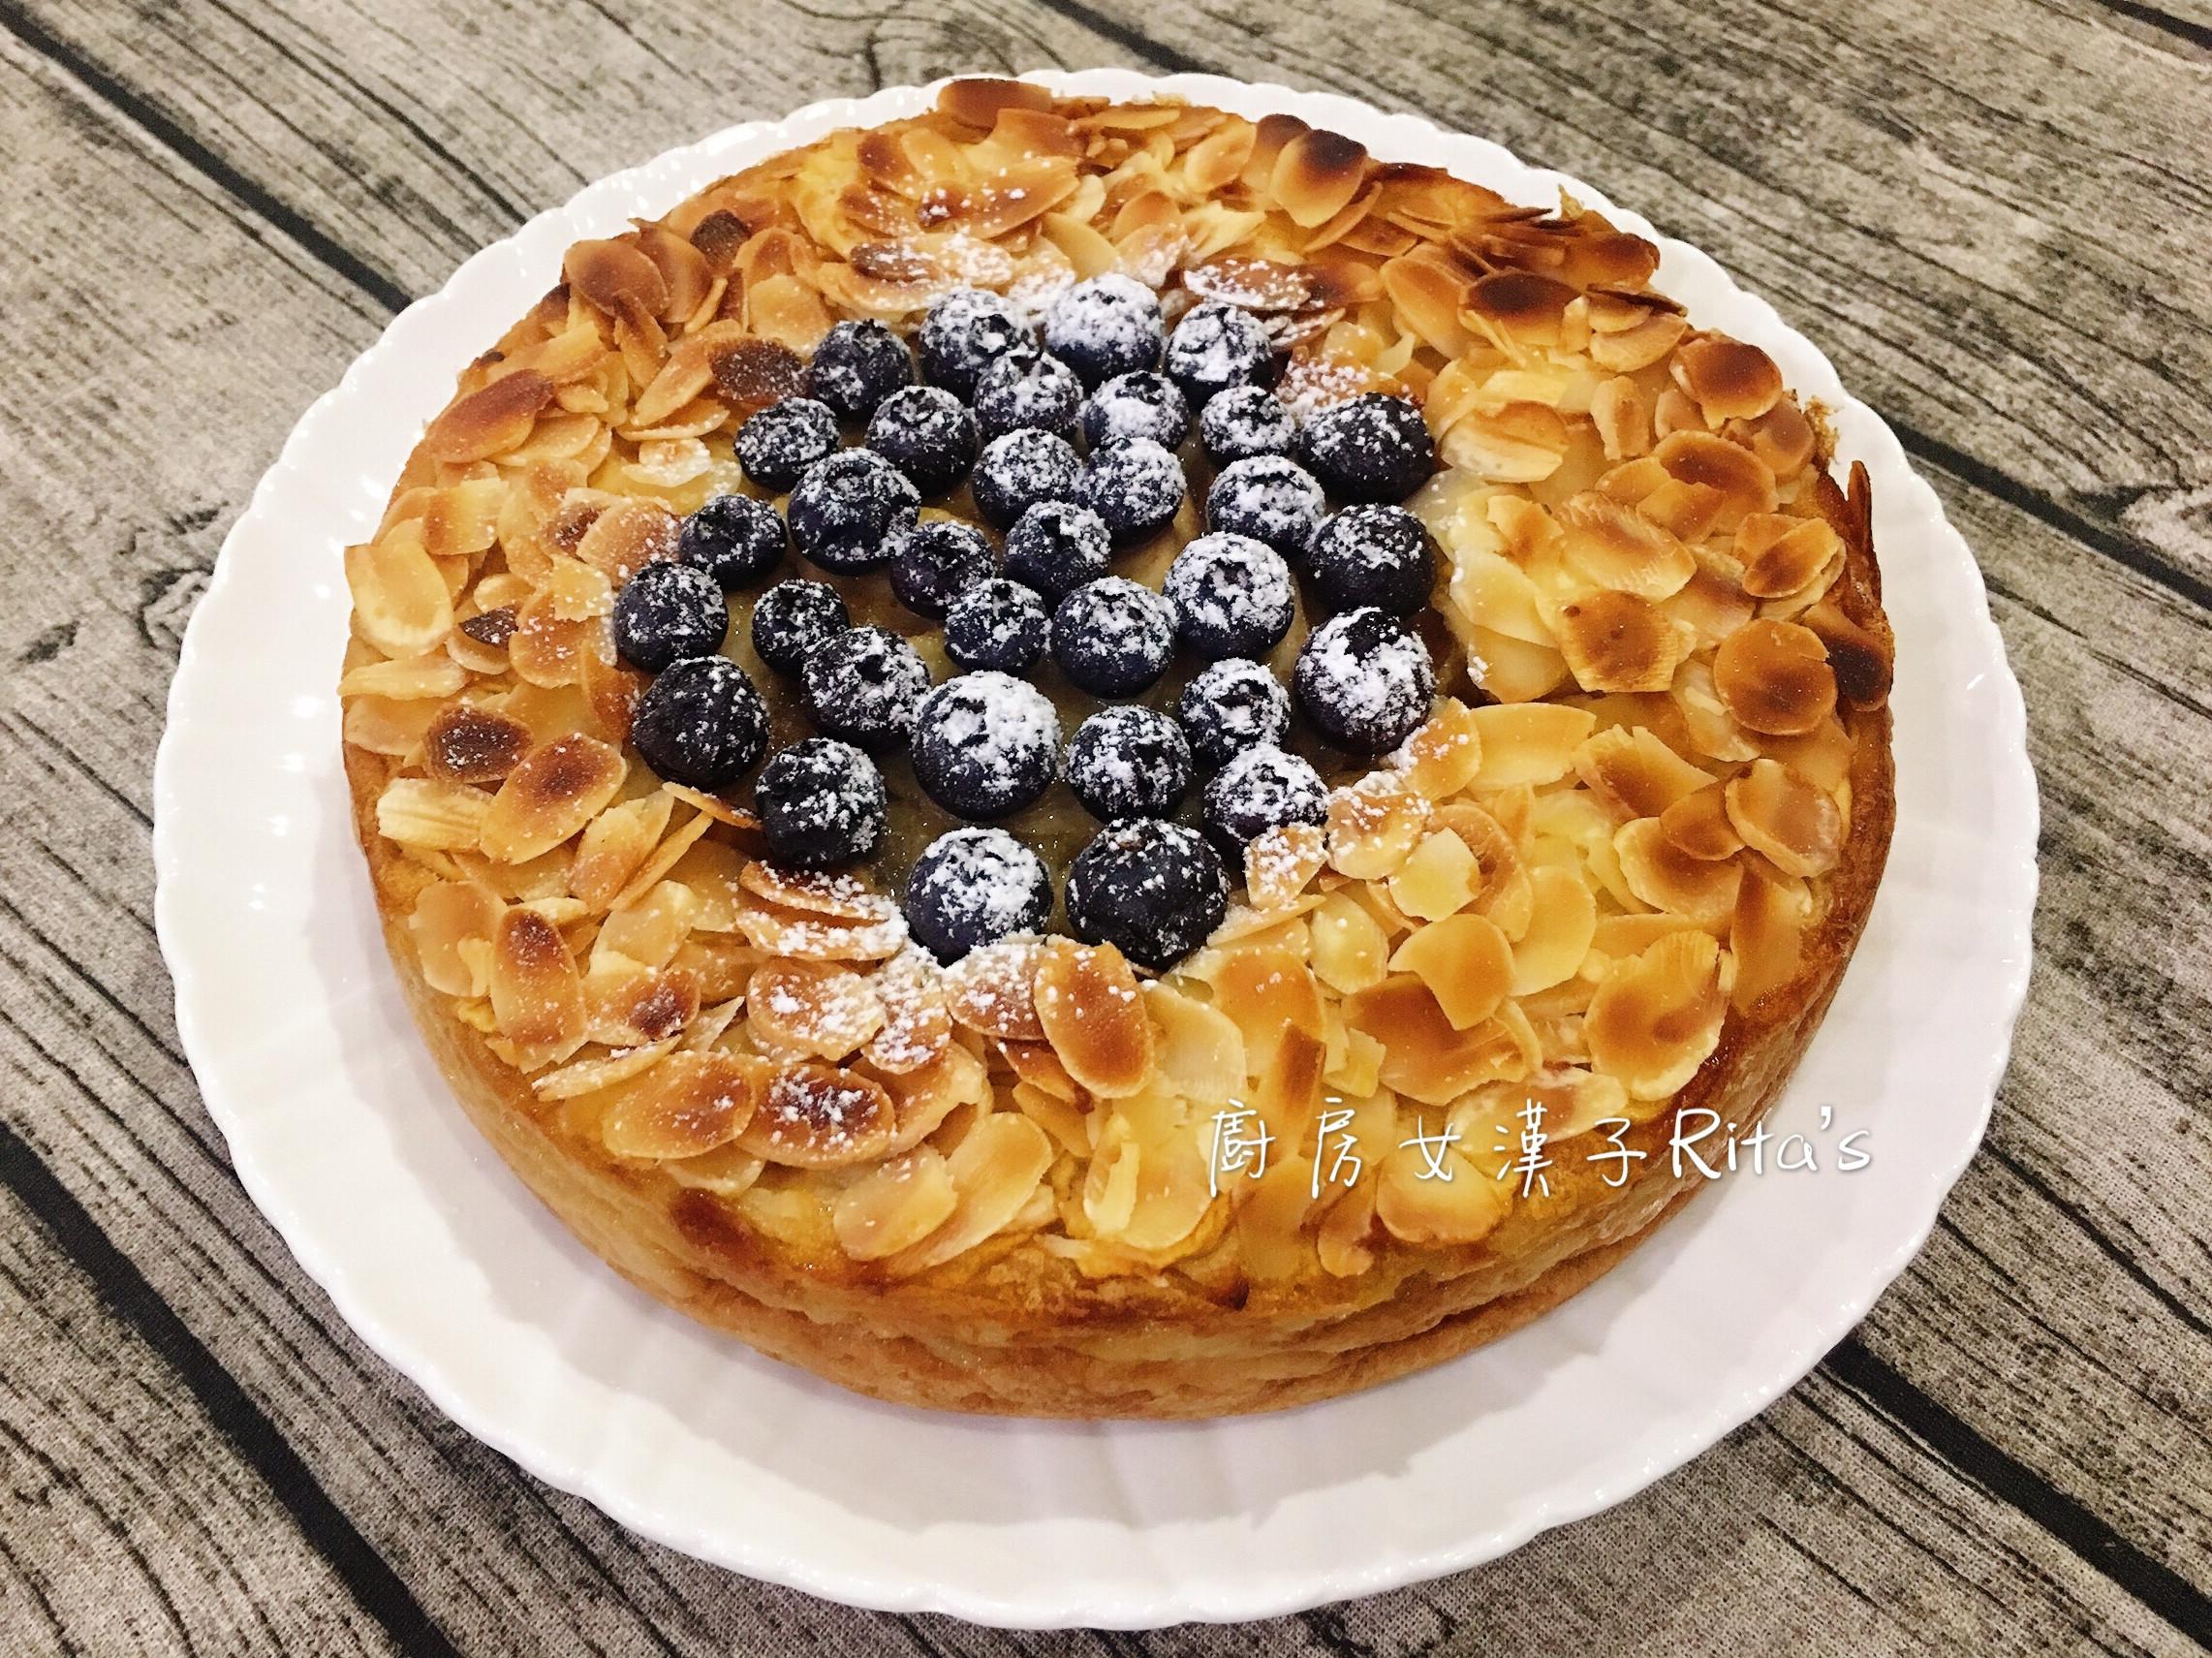 藍莓梨果隱形蛋糕